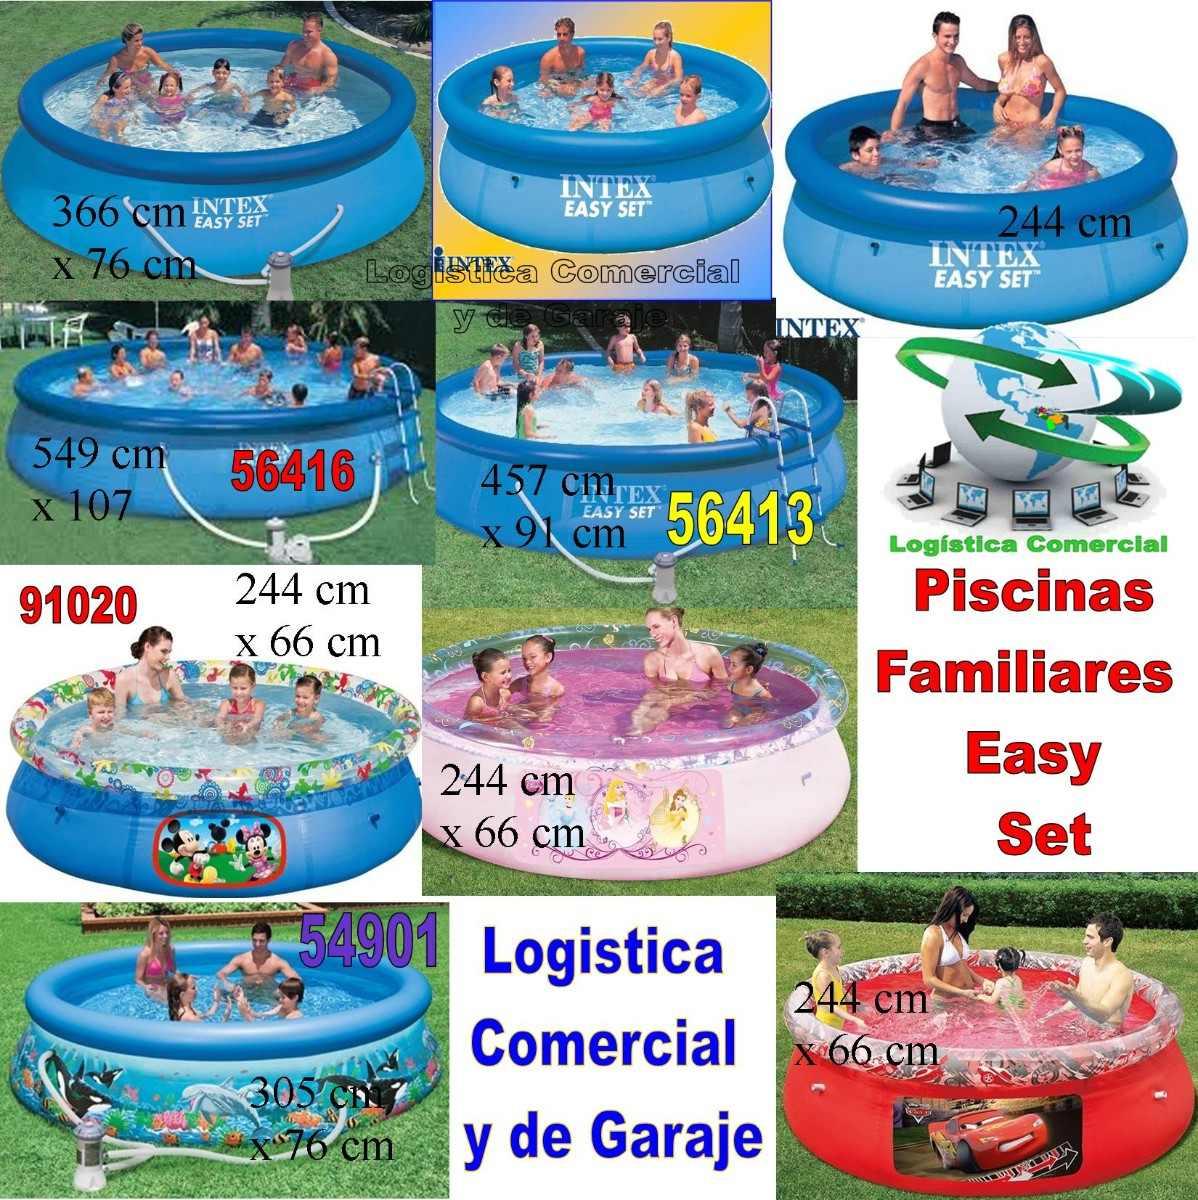 Piscina inflable arcoiris con parasol 155x135x104 cm intex for Ofertas de piscinas